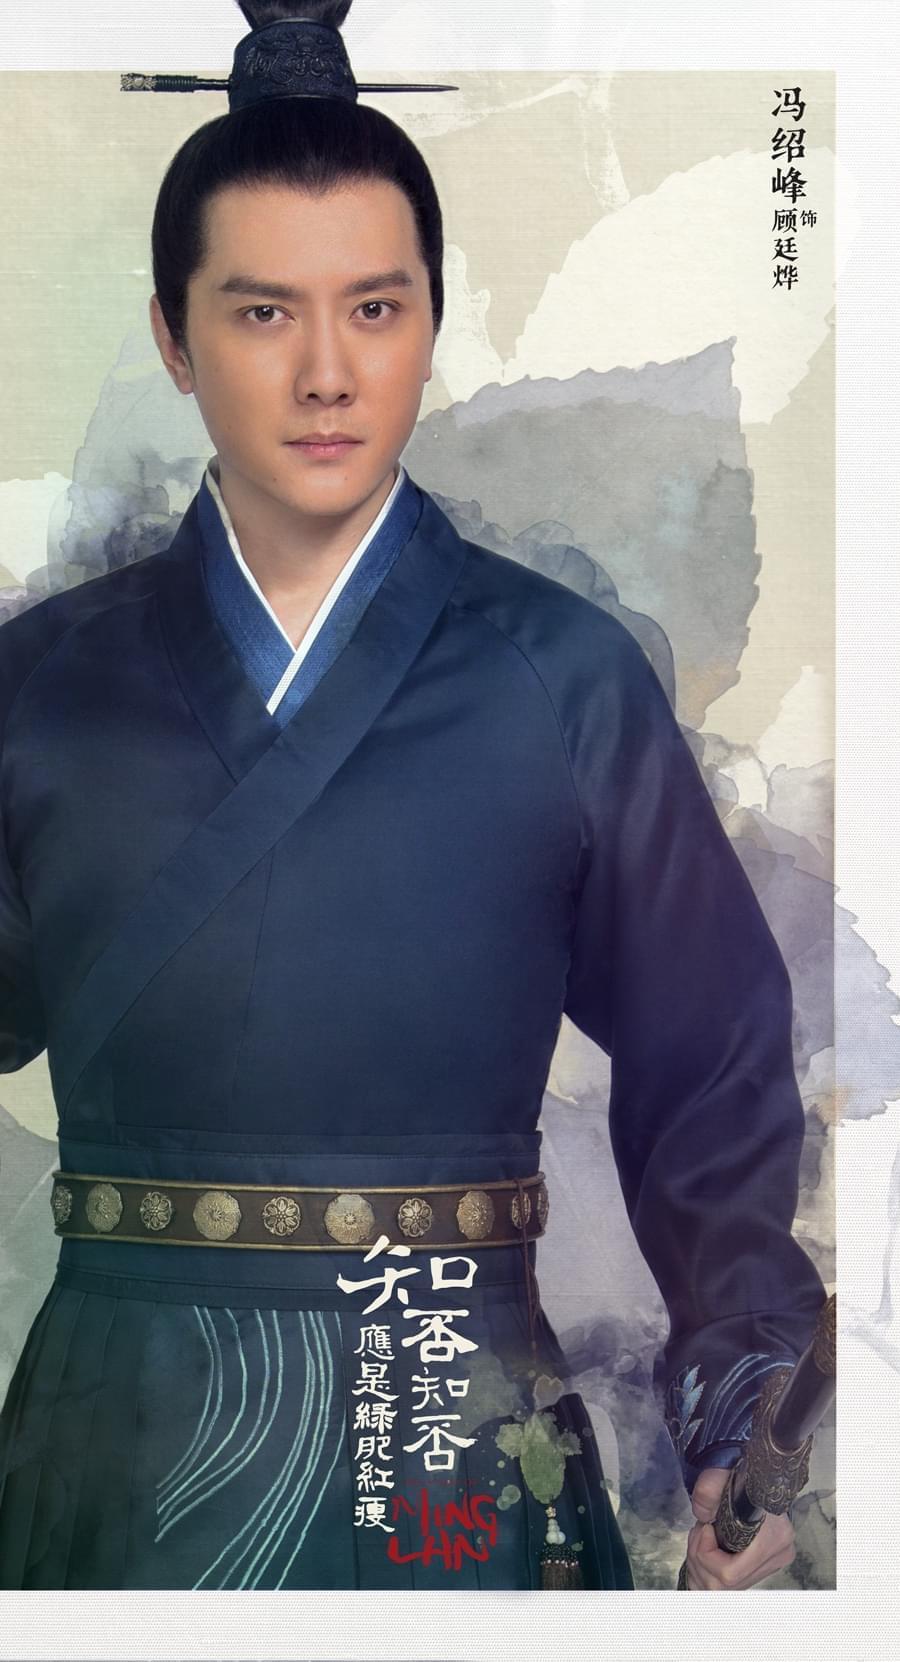 冯绍峰饰顾廷烨